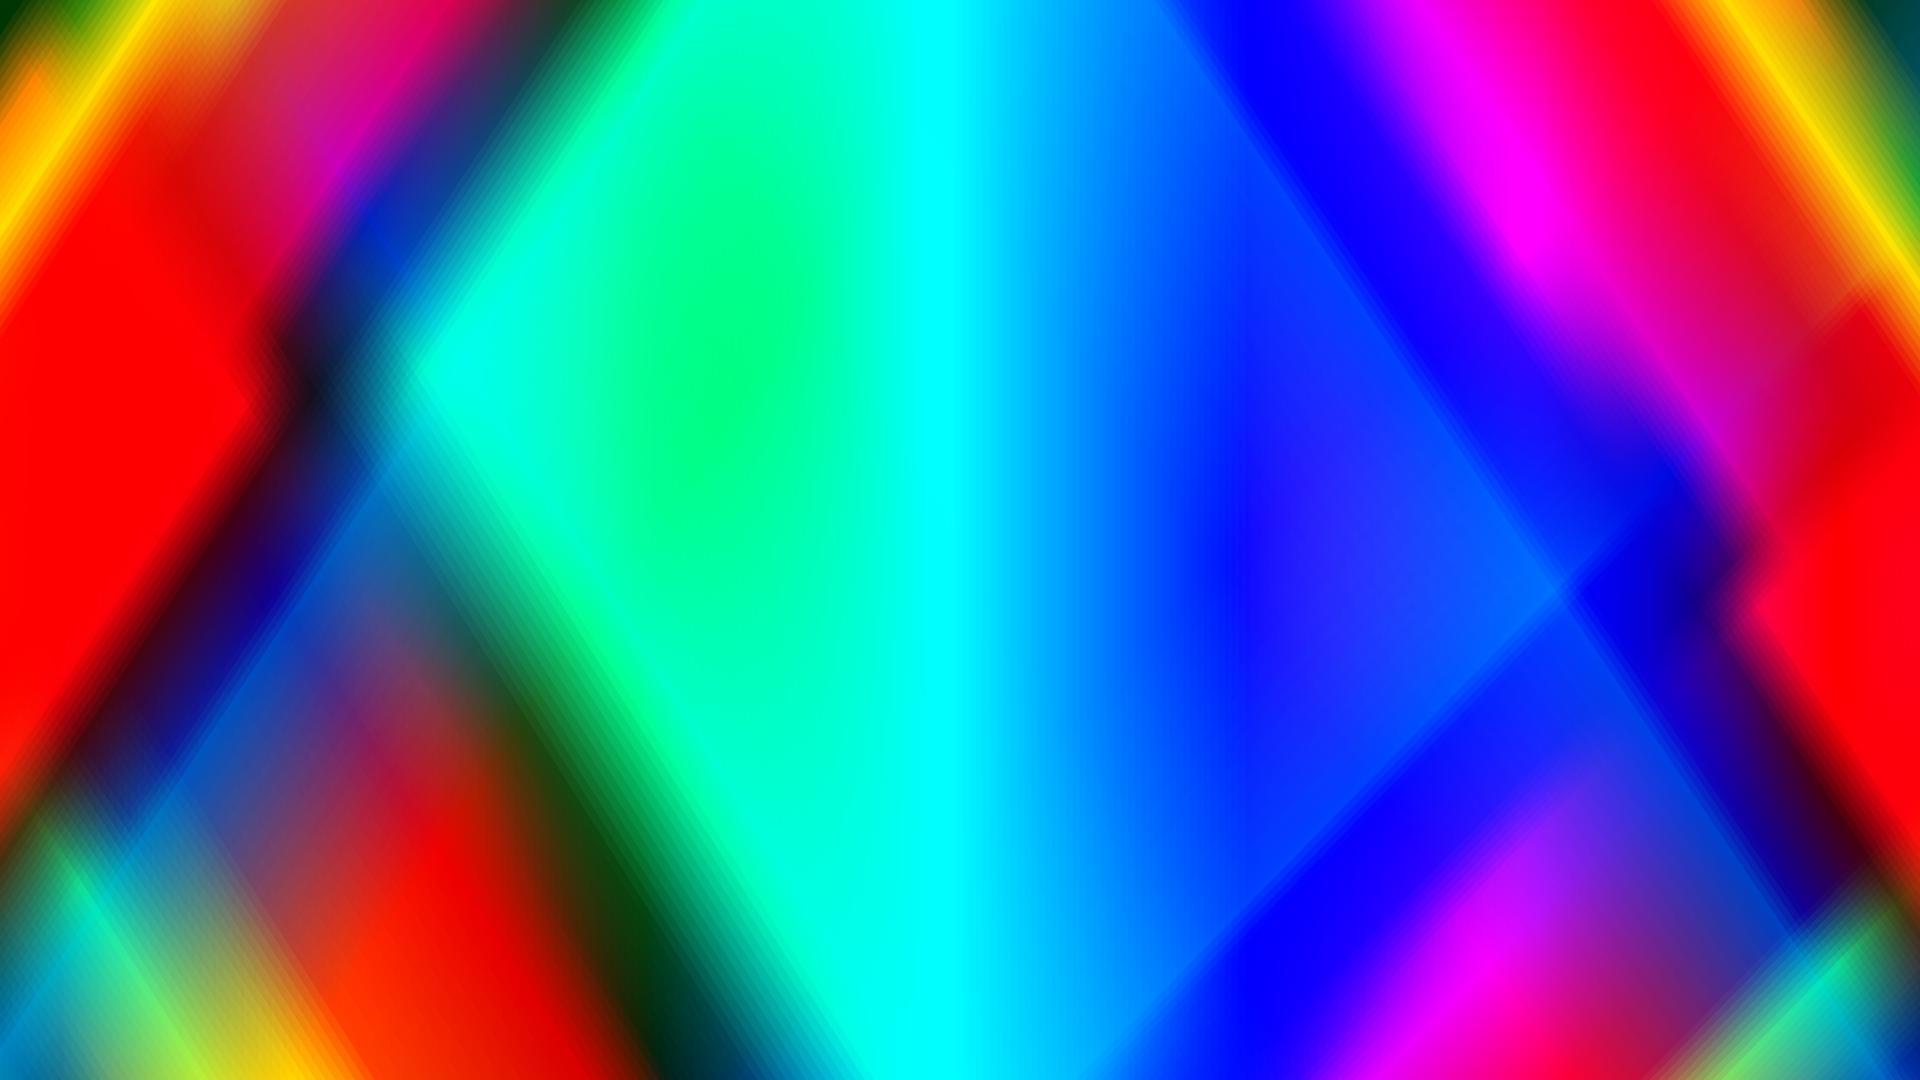 Bright Neon Wallpapers - WallpaperSafari